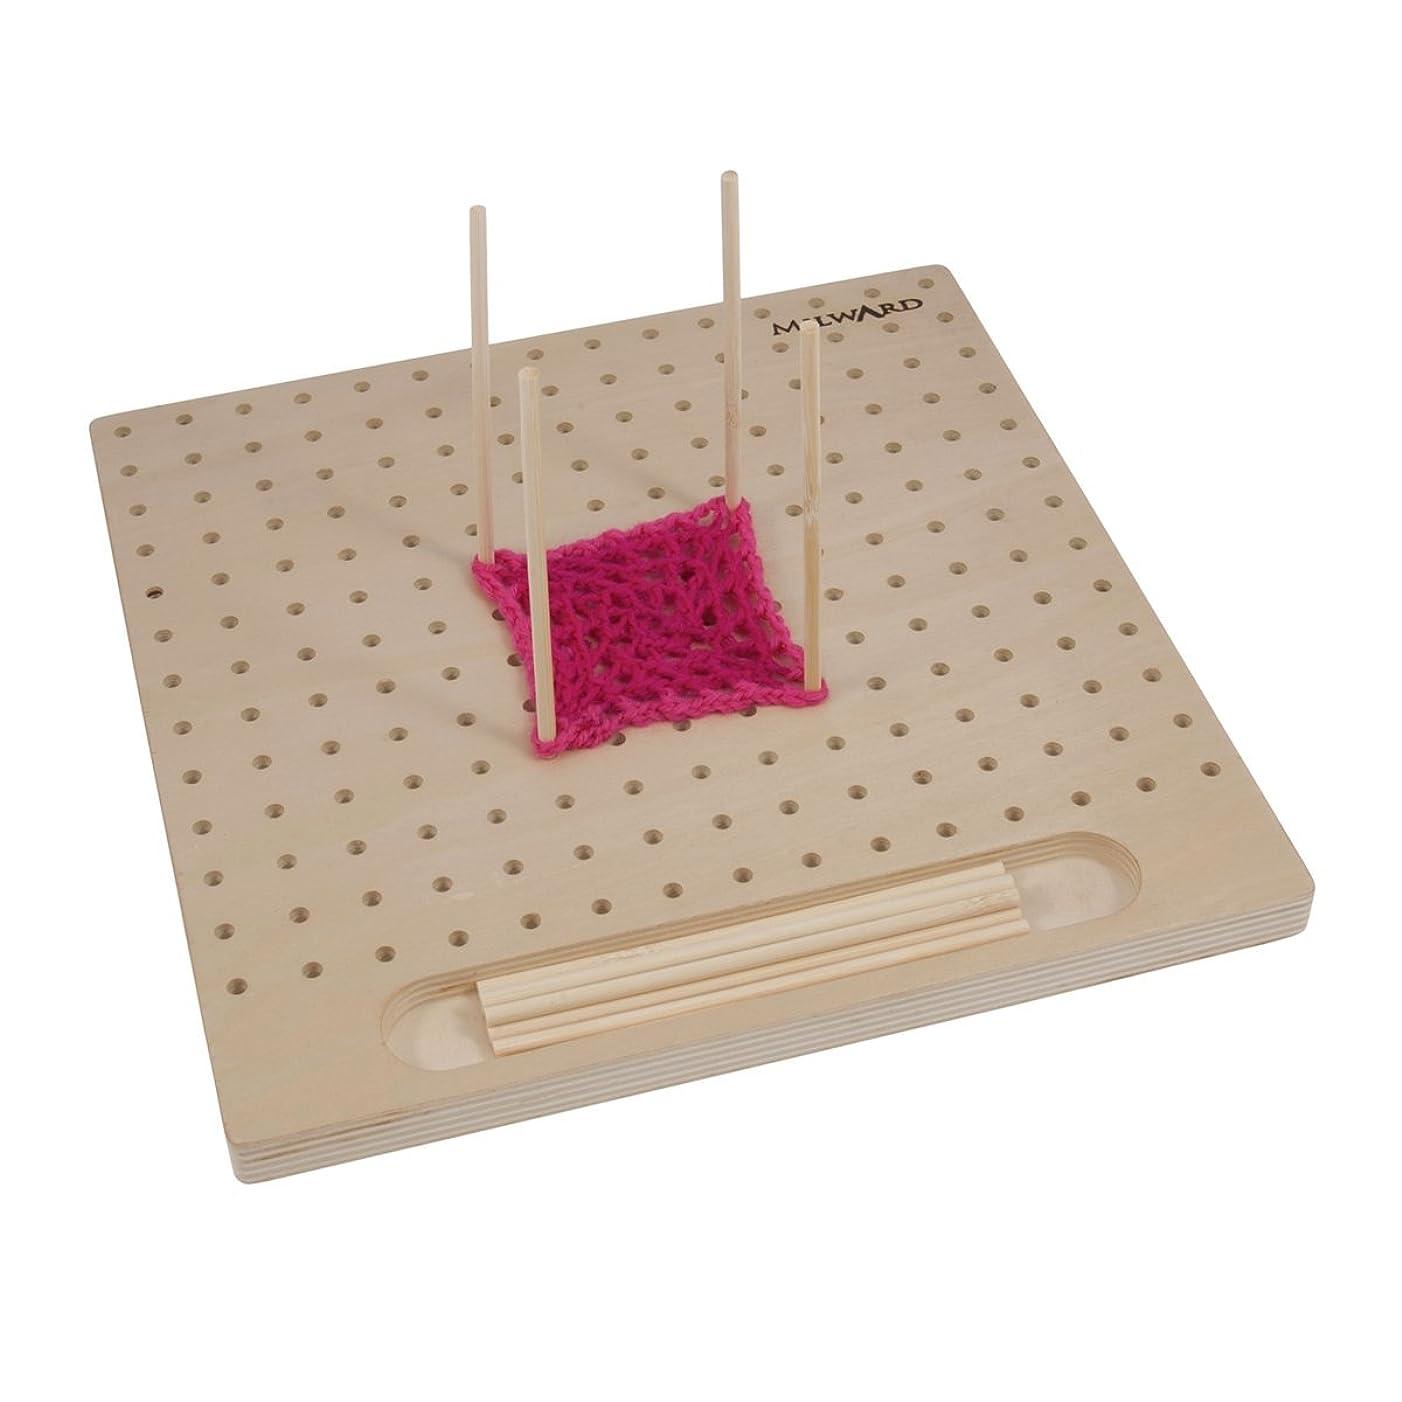 Milward Blocking Board with 12 Pins, Wood, 30x30x12cm